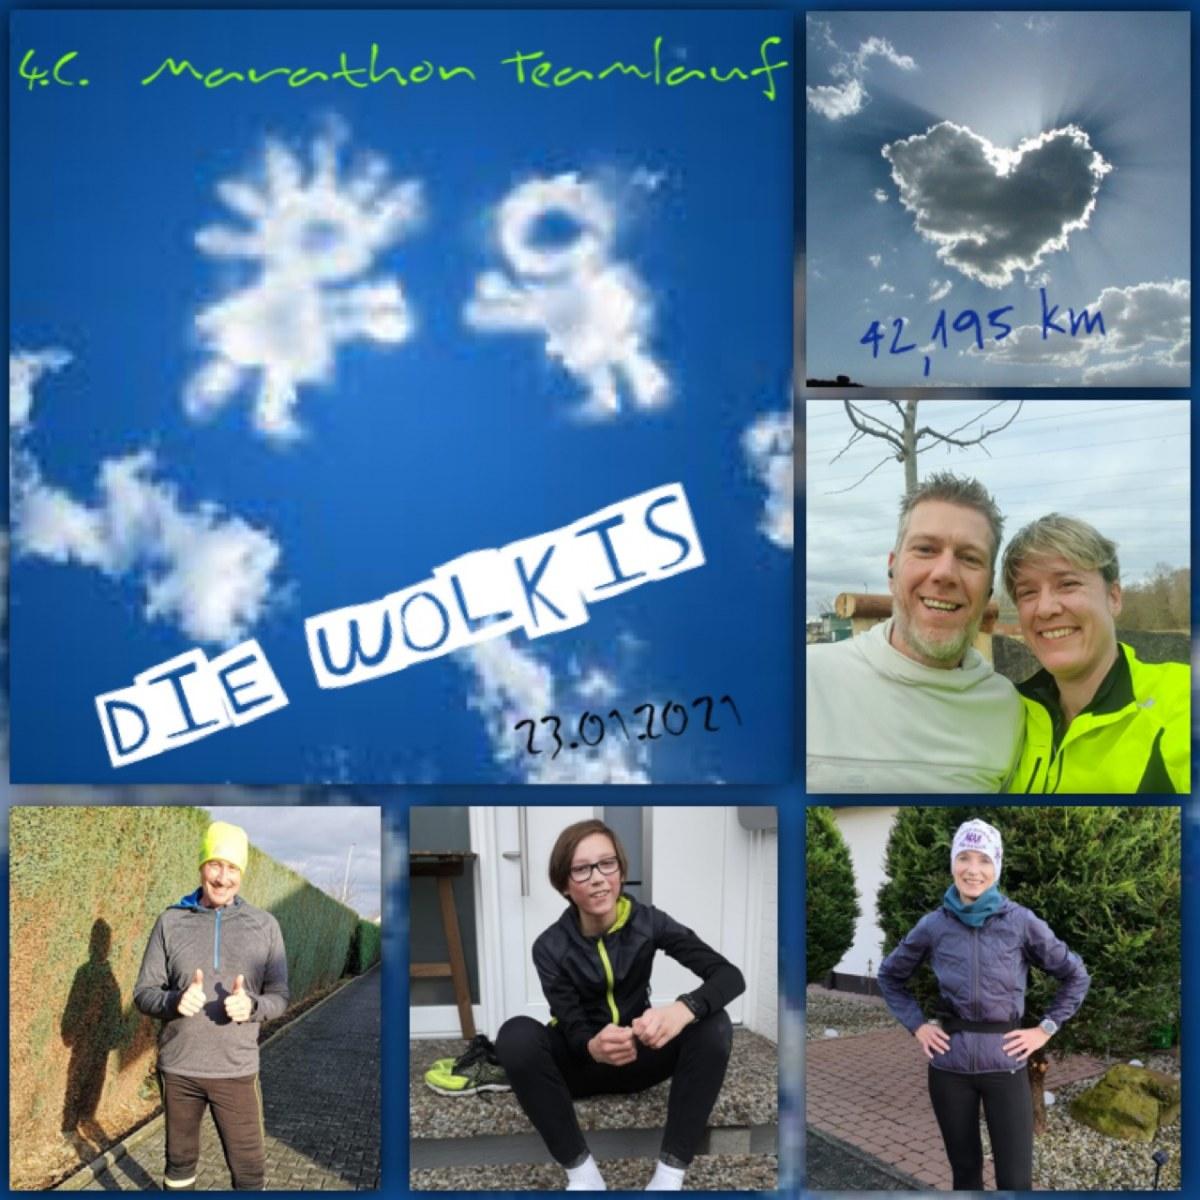 Wollny-Janssen-Yvonne-4-Challenge-Marathon-Team-5zYpa